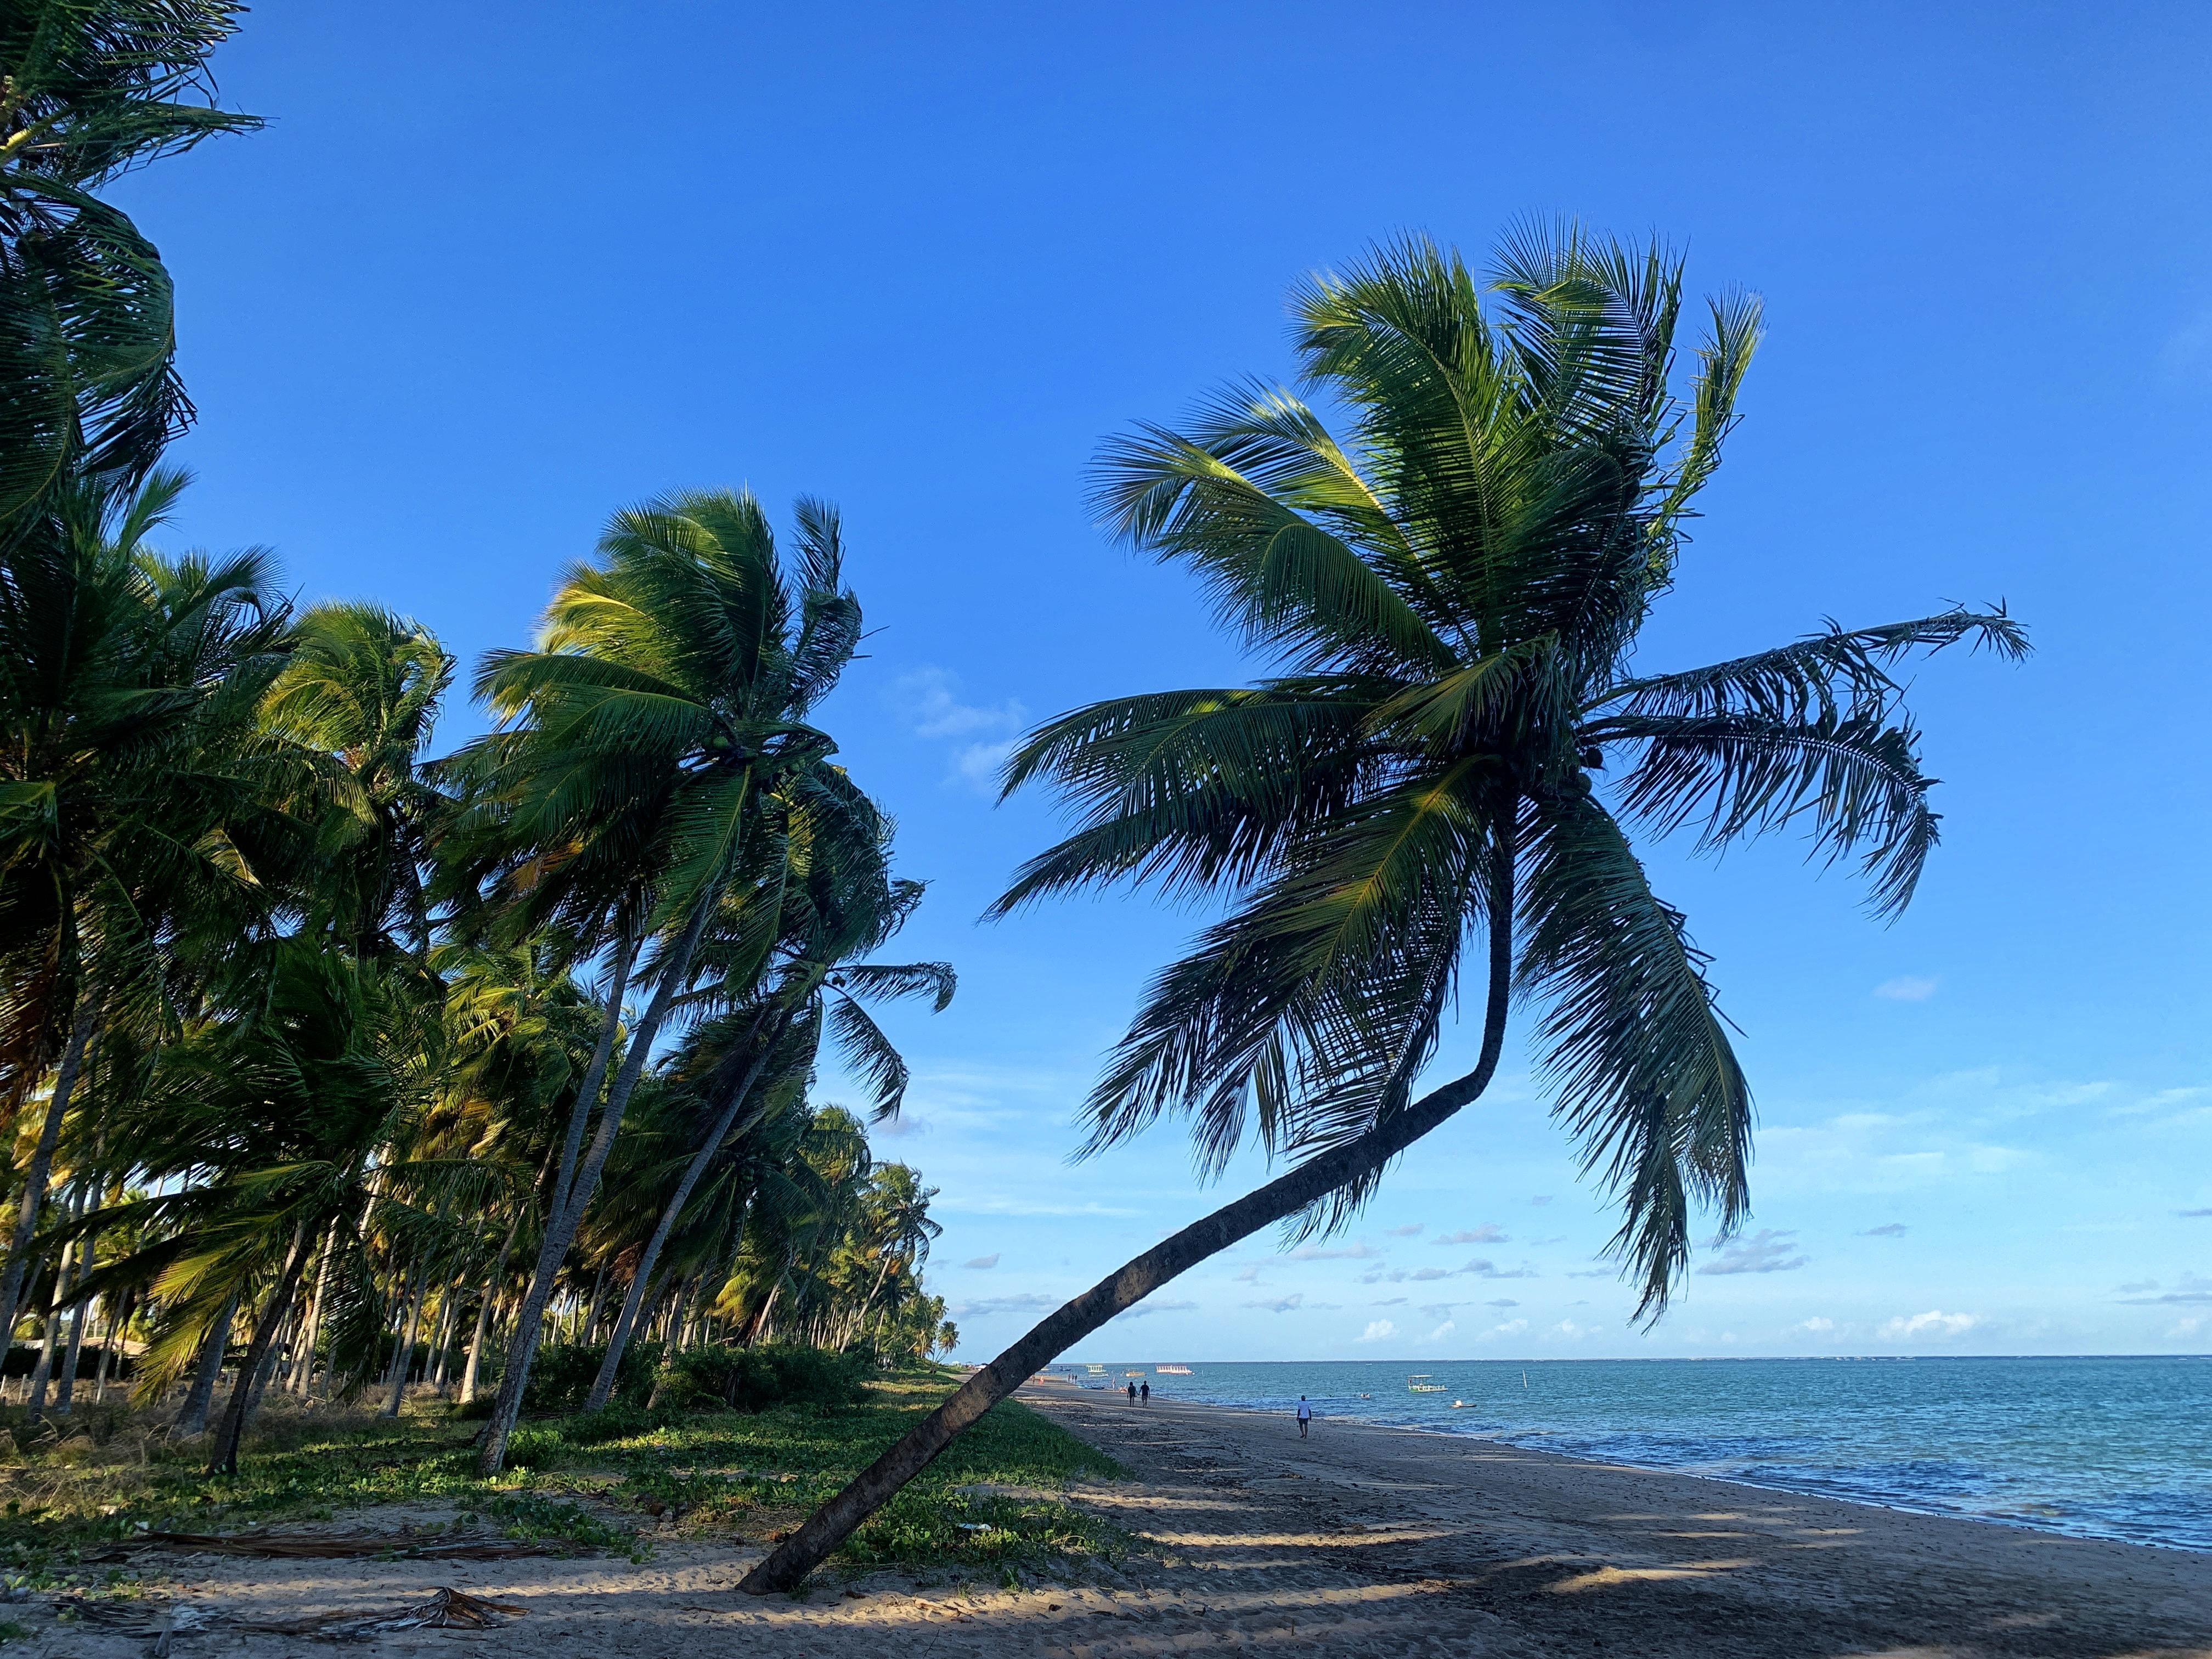 A nossa viagem pela Rota dos Corais entre Alagoas e Pernambuco